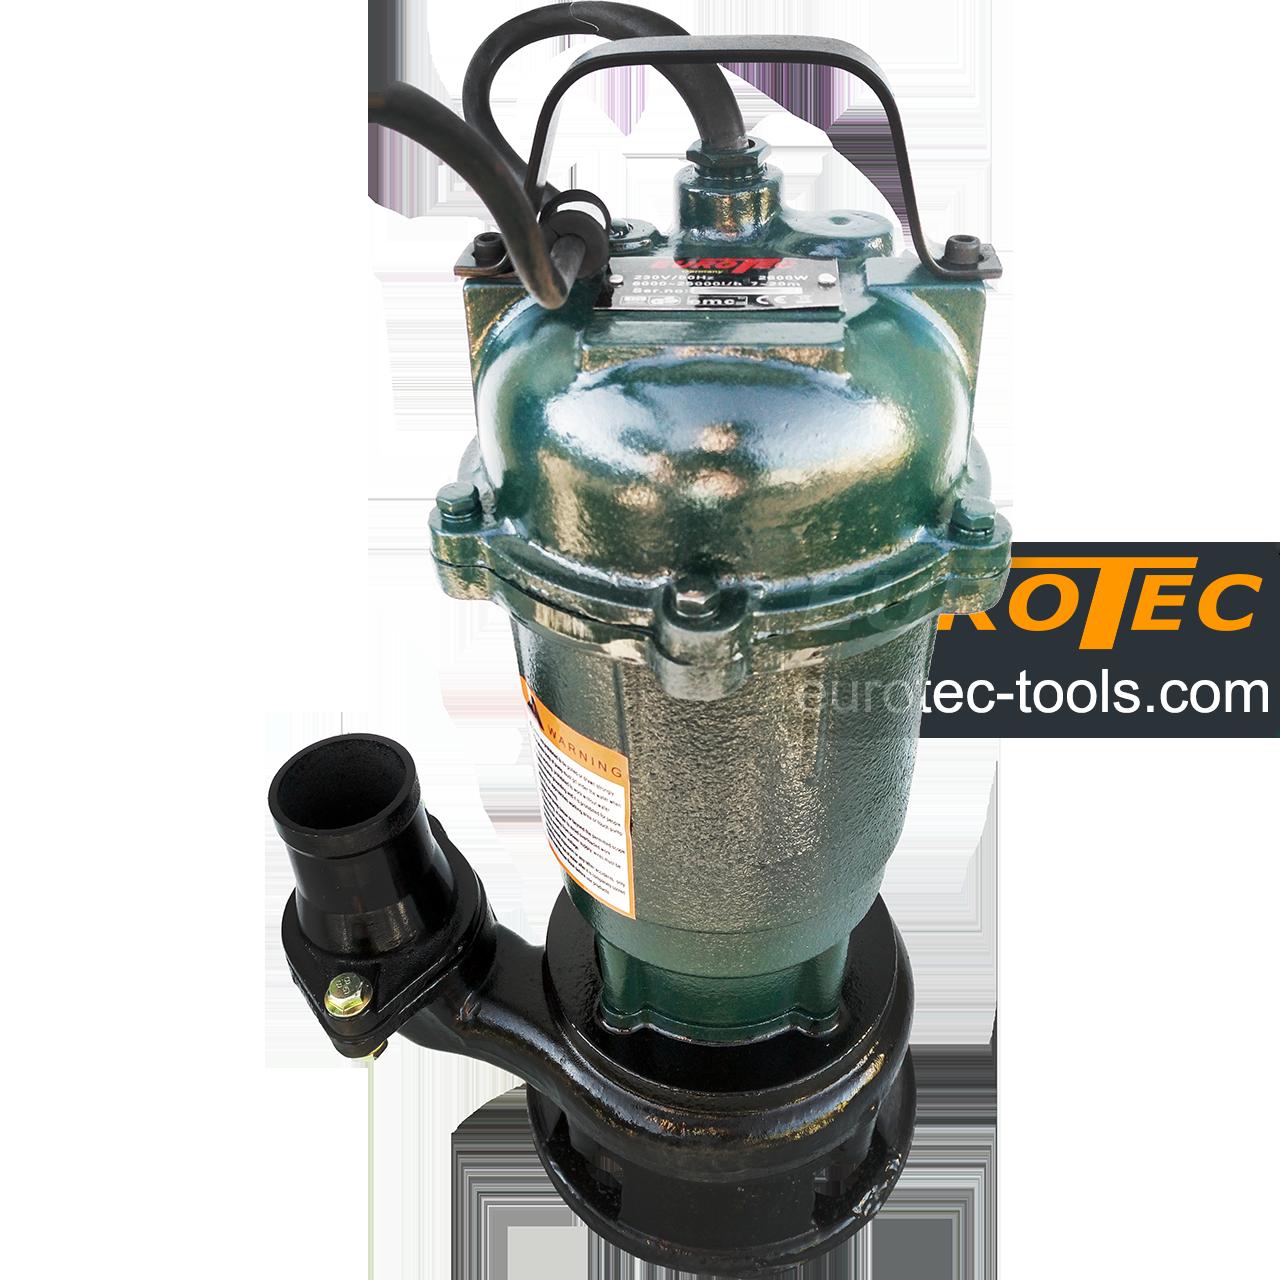 Насос дренажный для выгребных ям Eurotec PU 205, 40-75 мм, чугунный для грязной воды, фекальный выгребной